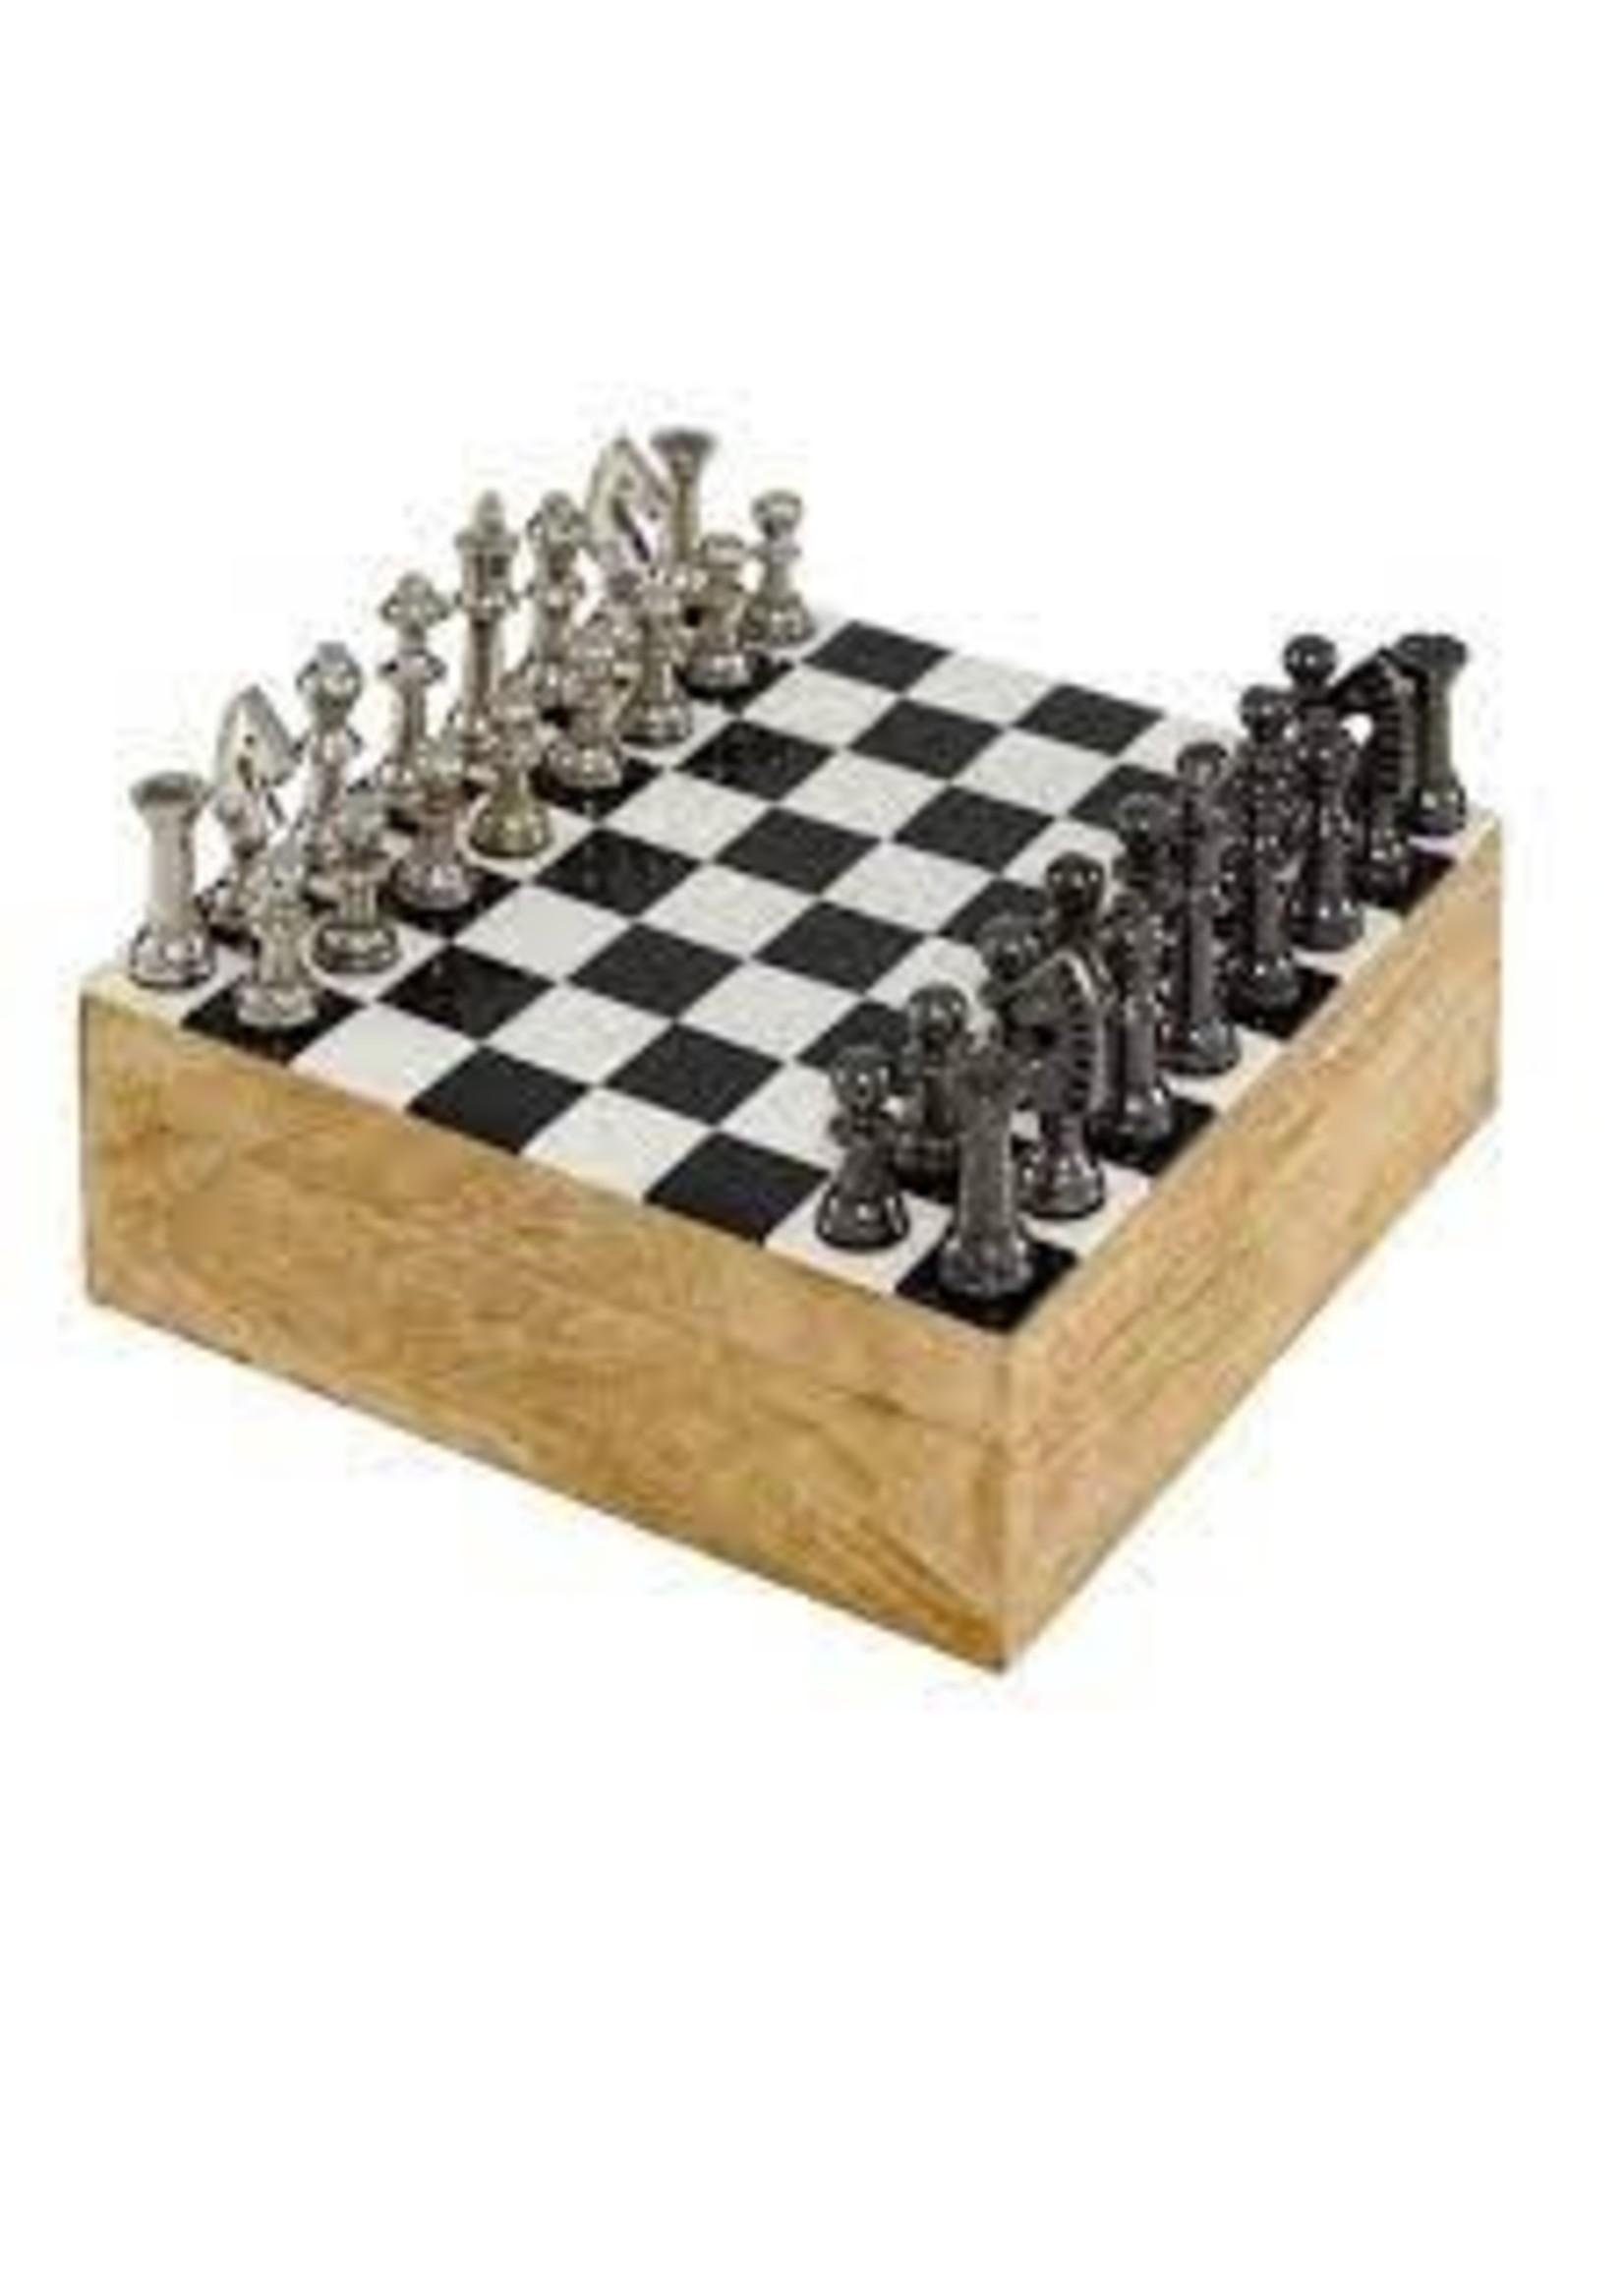 UMA Enterprises Aluminum and Wood Chess Set